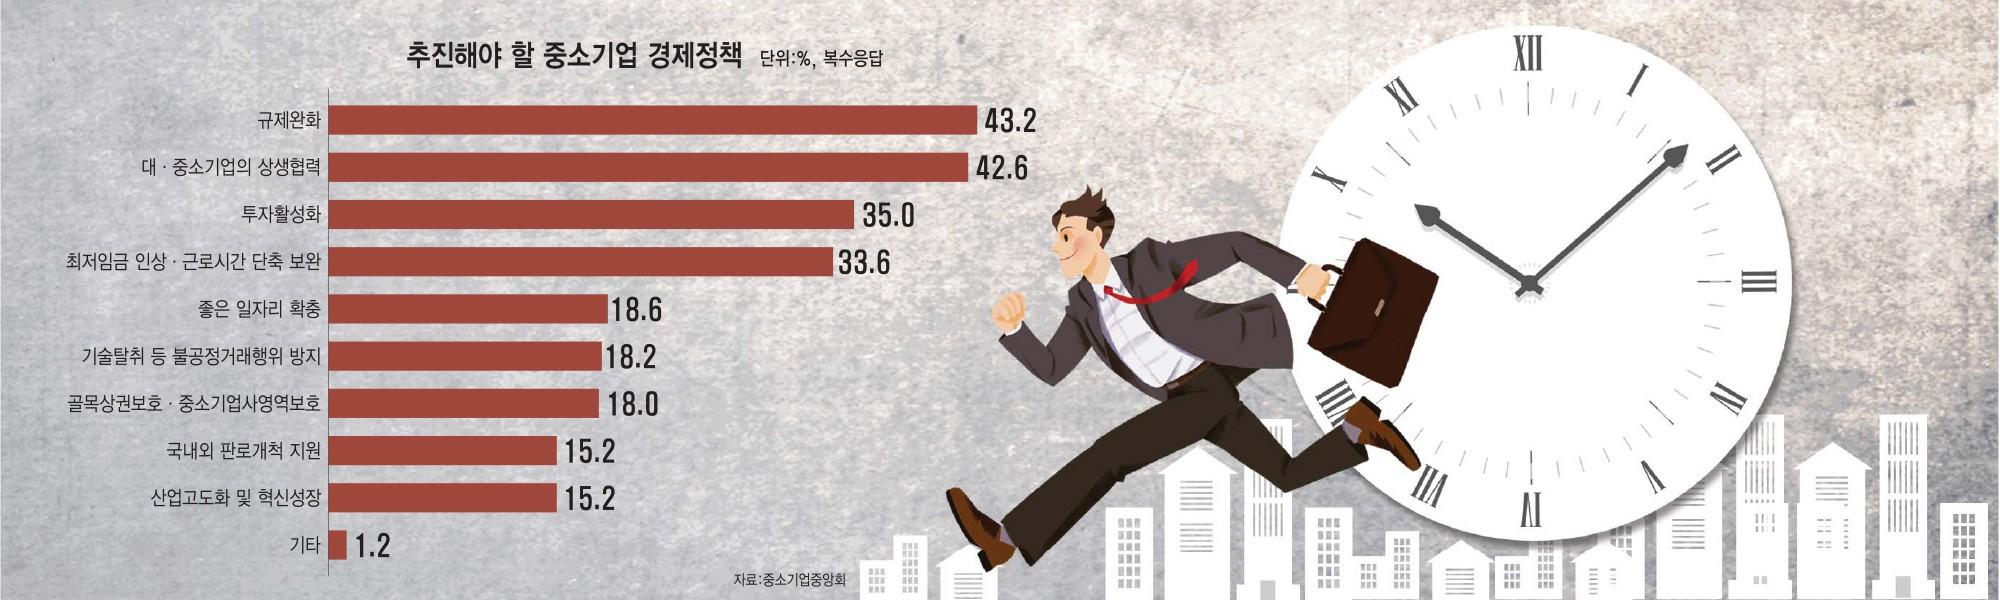 [이슈분석]노동유연성, 공정경쟁, 스타트업 활성화...21대 중소기업국회 최우선 과제